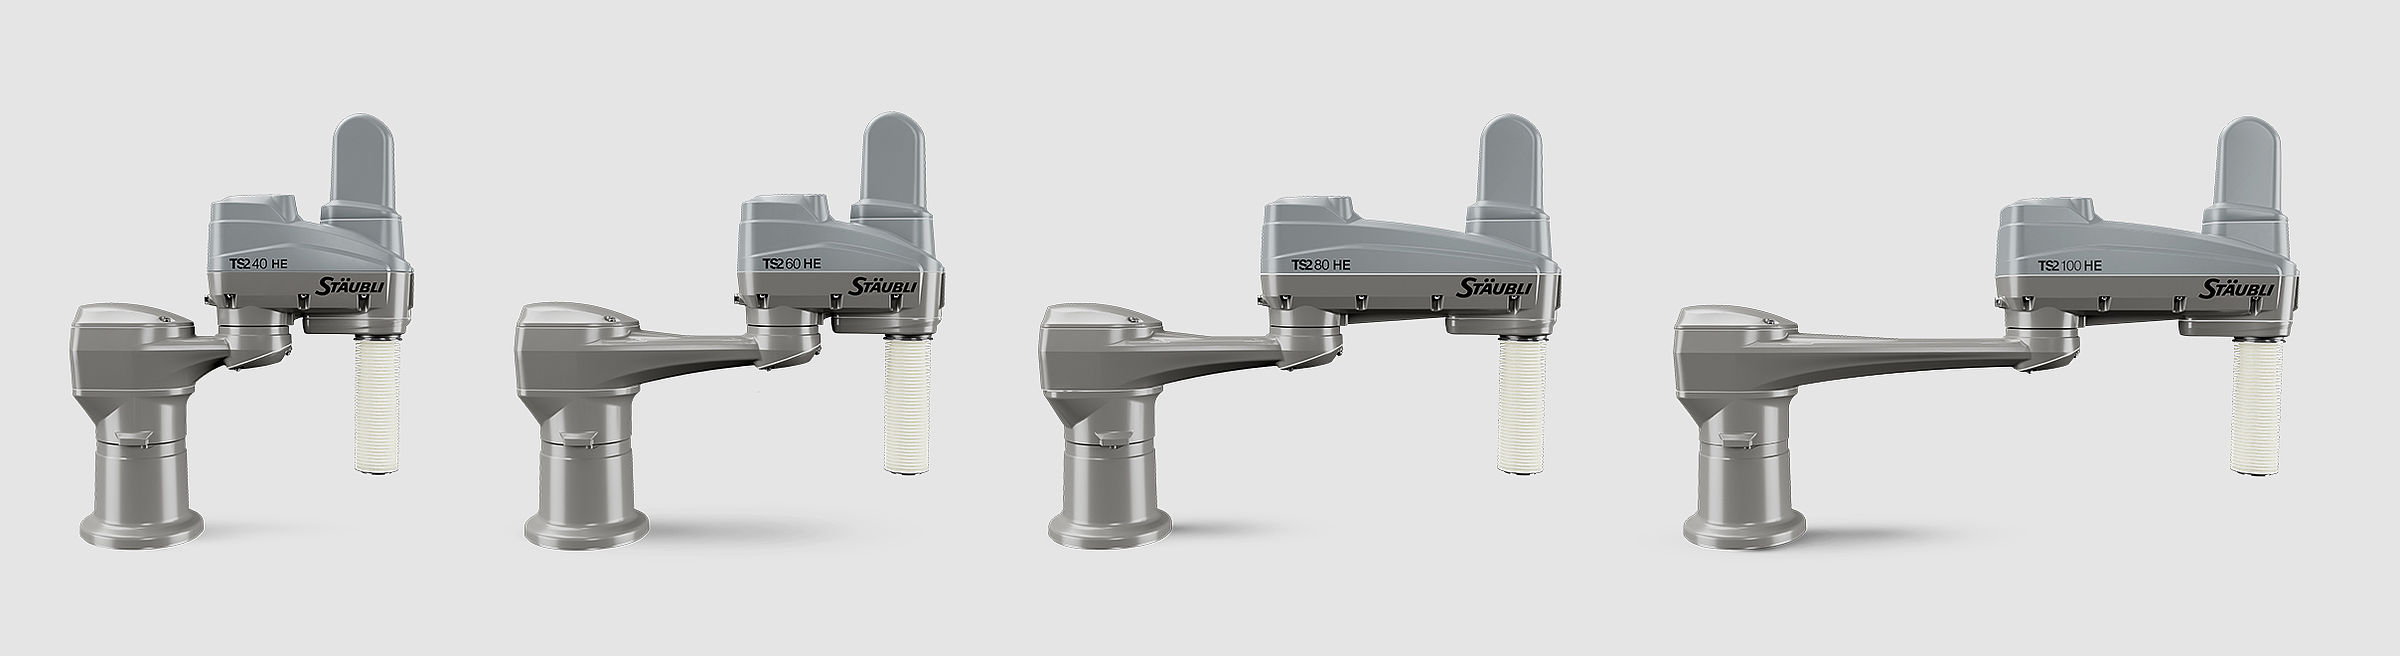 Stäubli AG - SCARA-robot-range-HE-hip@2x.jpg